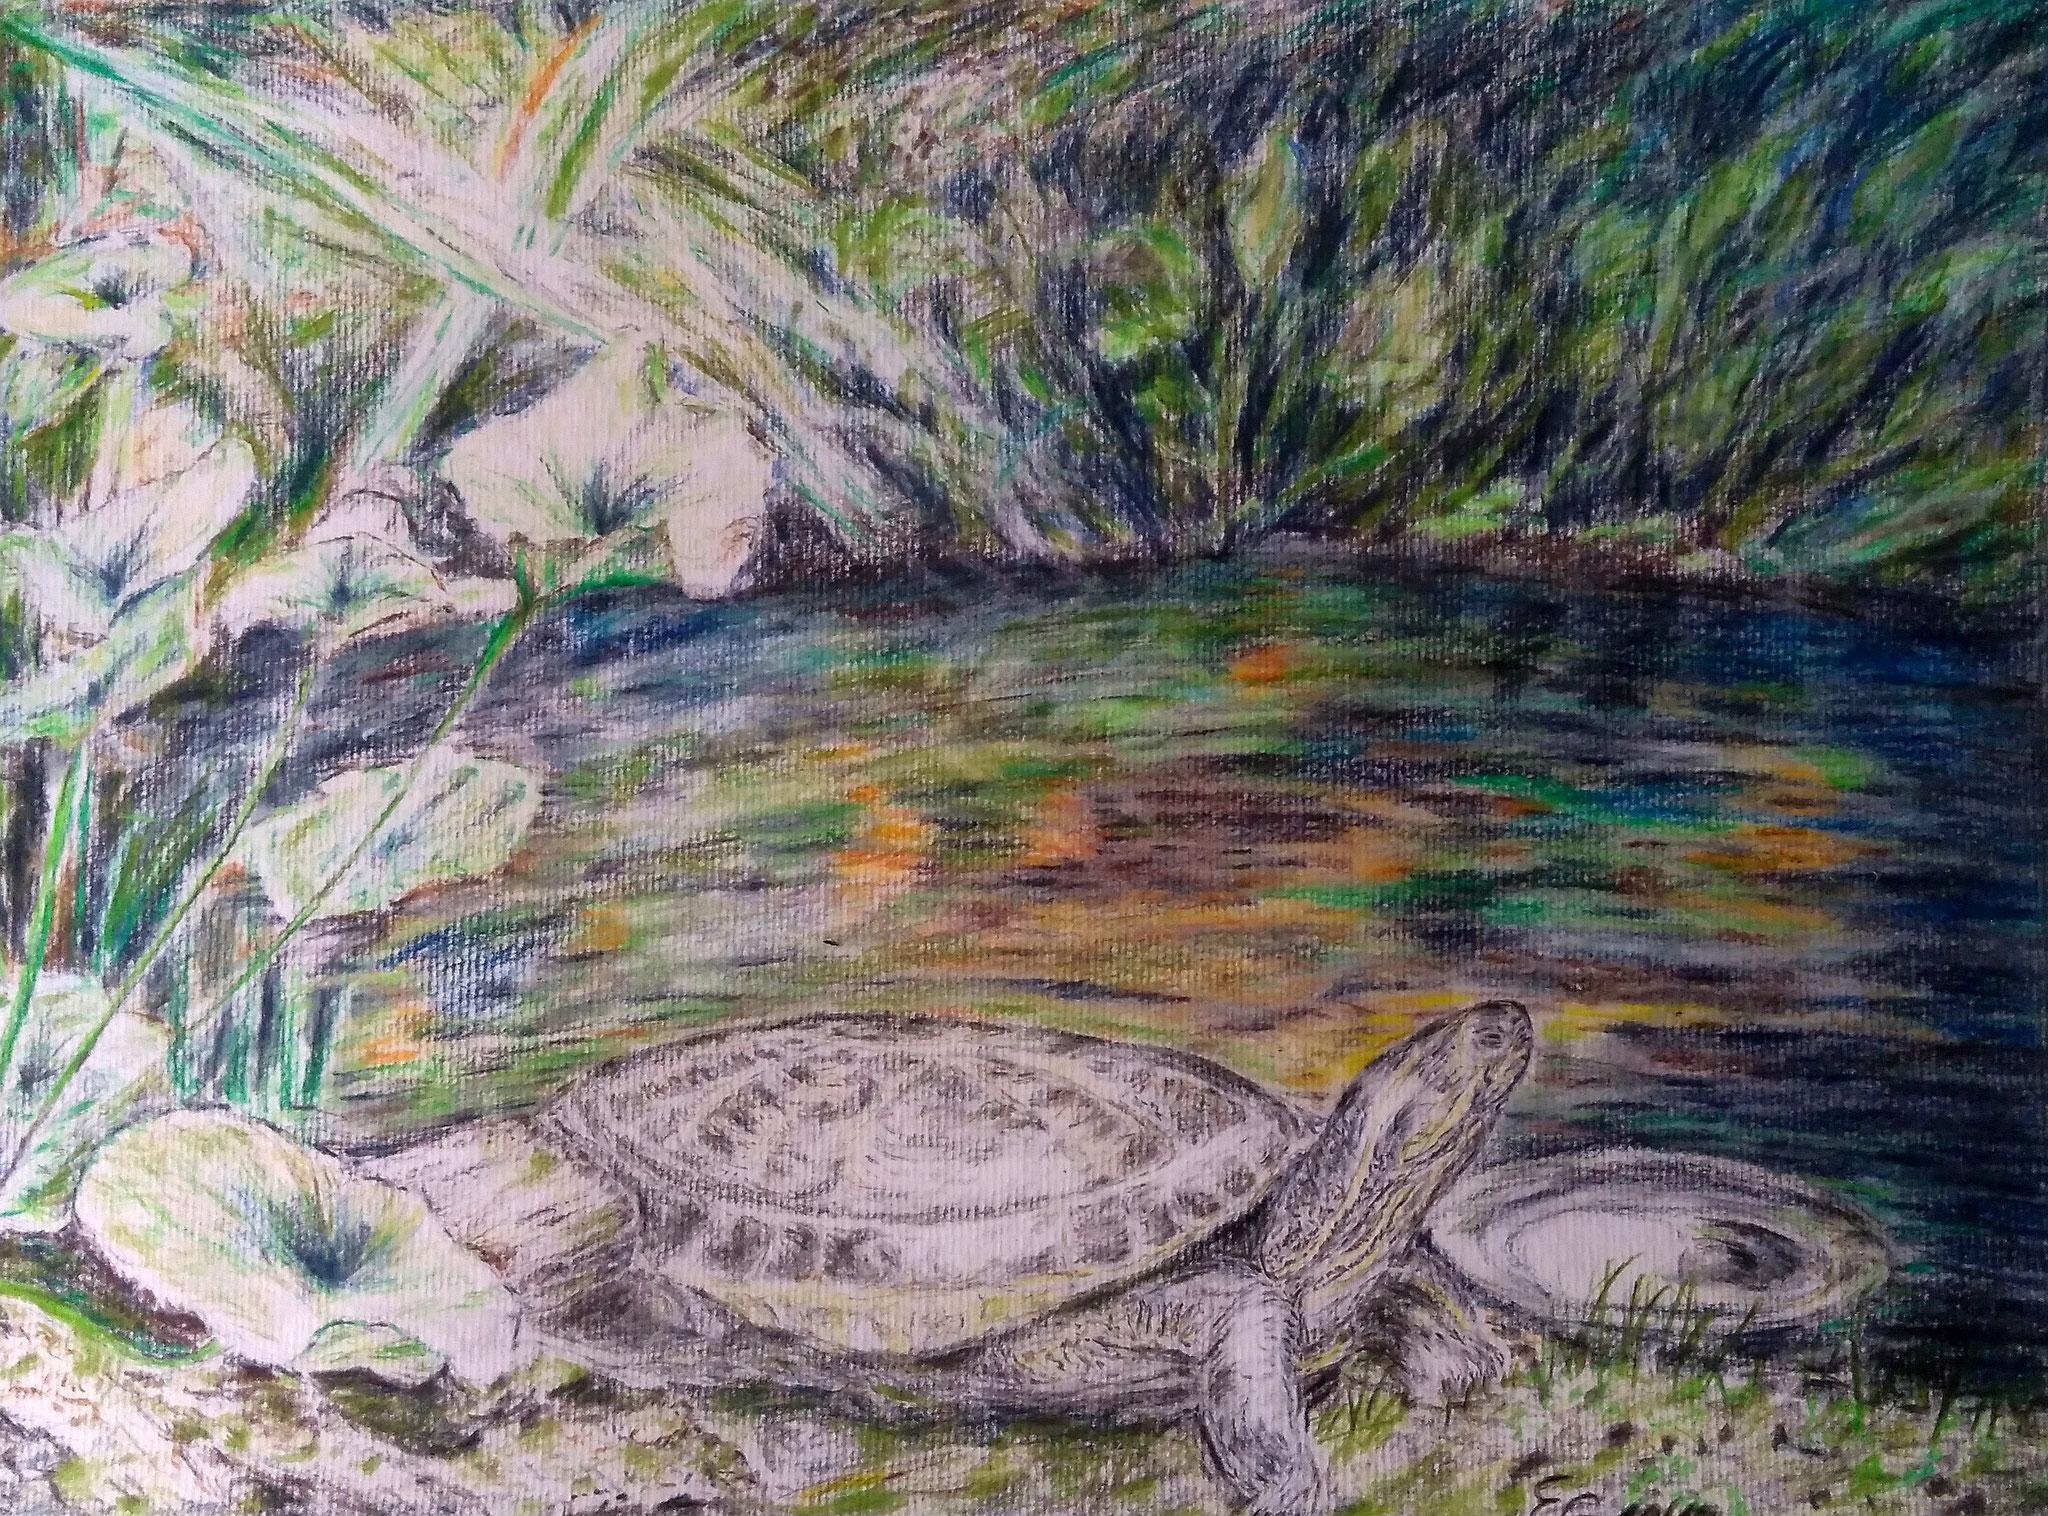 Ausflug, mit Rahmen 40 cm x 50 cm, Farbstift auf Papier